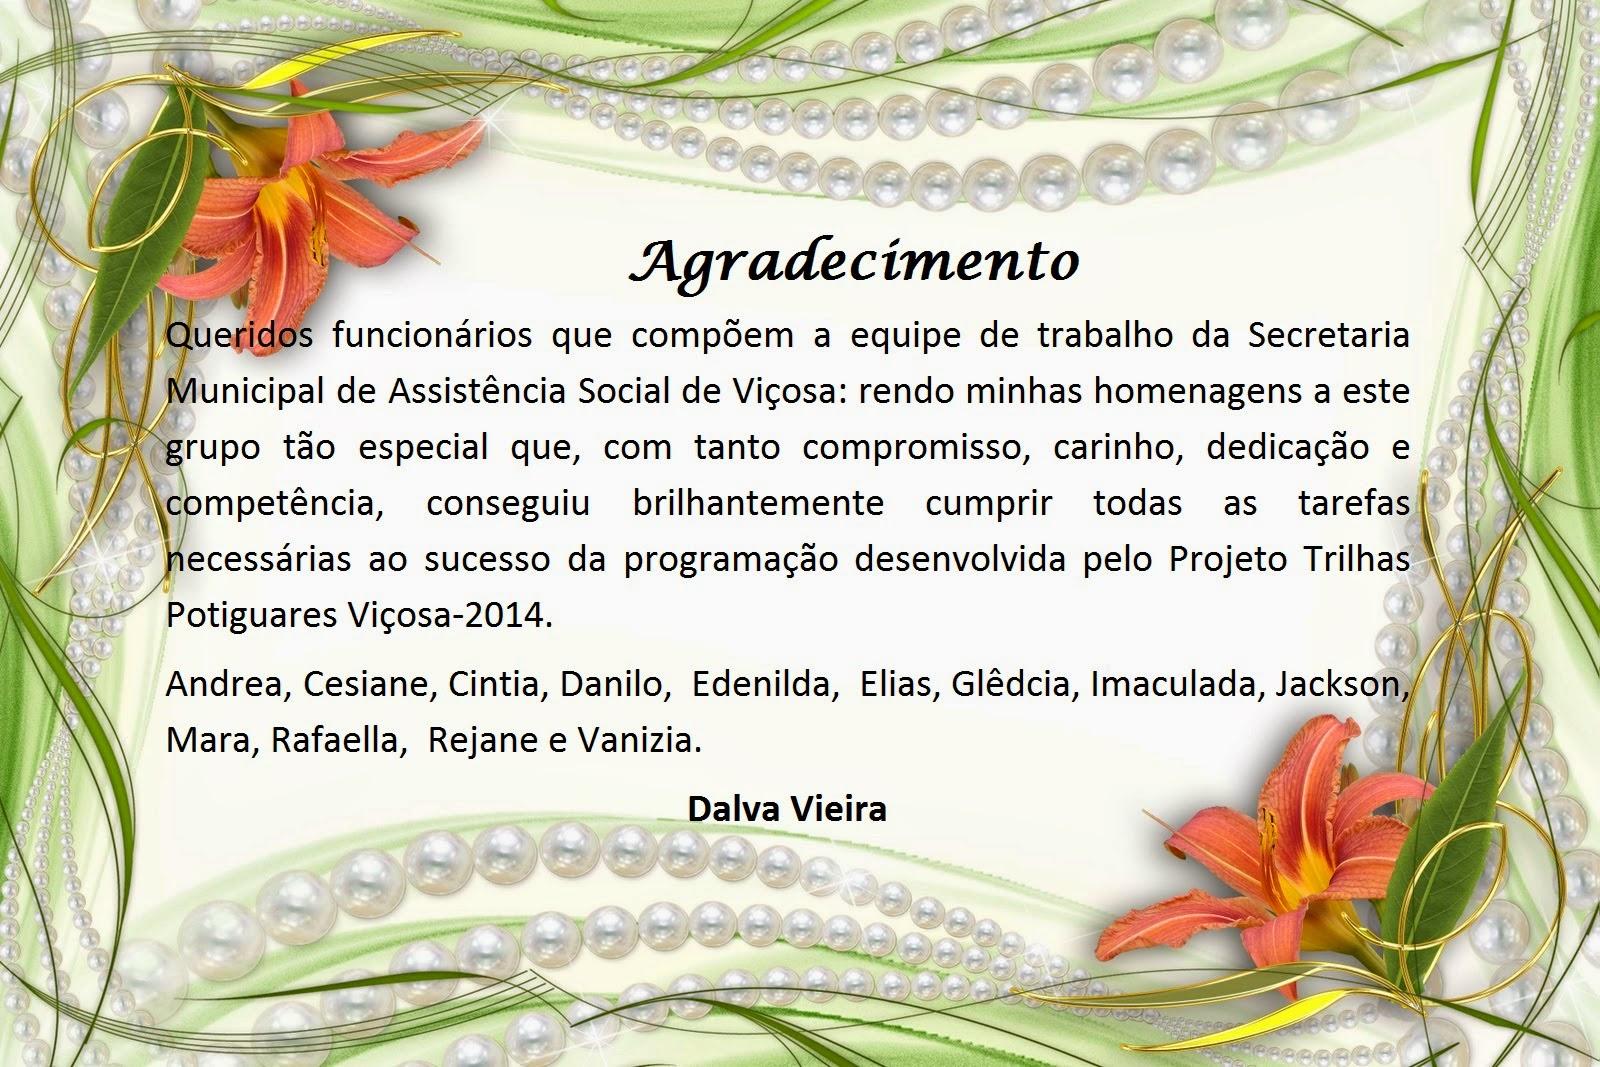 VIÇOSA CLICK : Agradecimento Da Secretária Municipal De